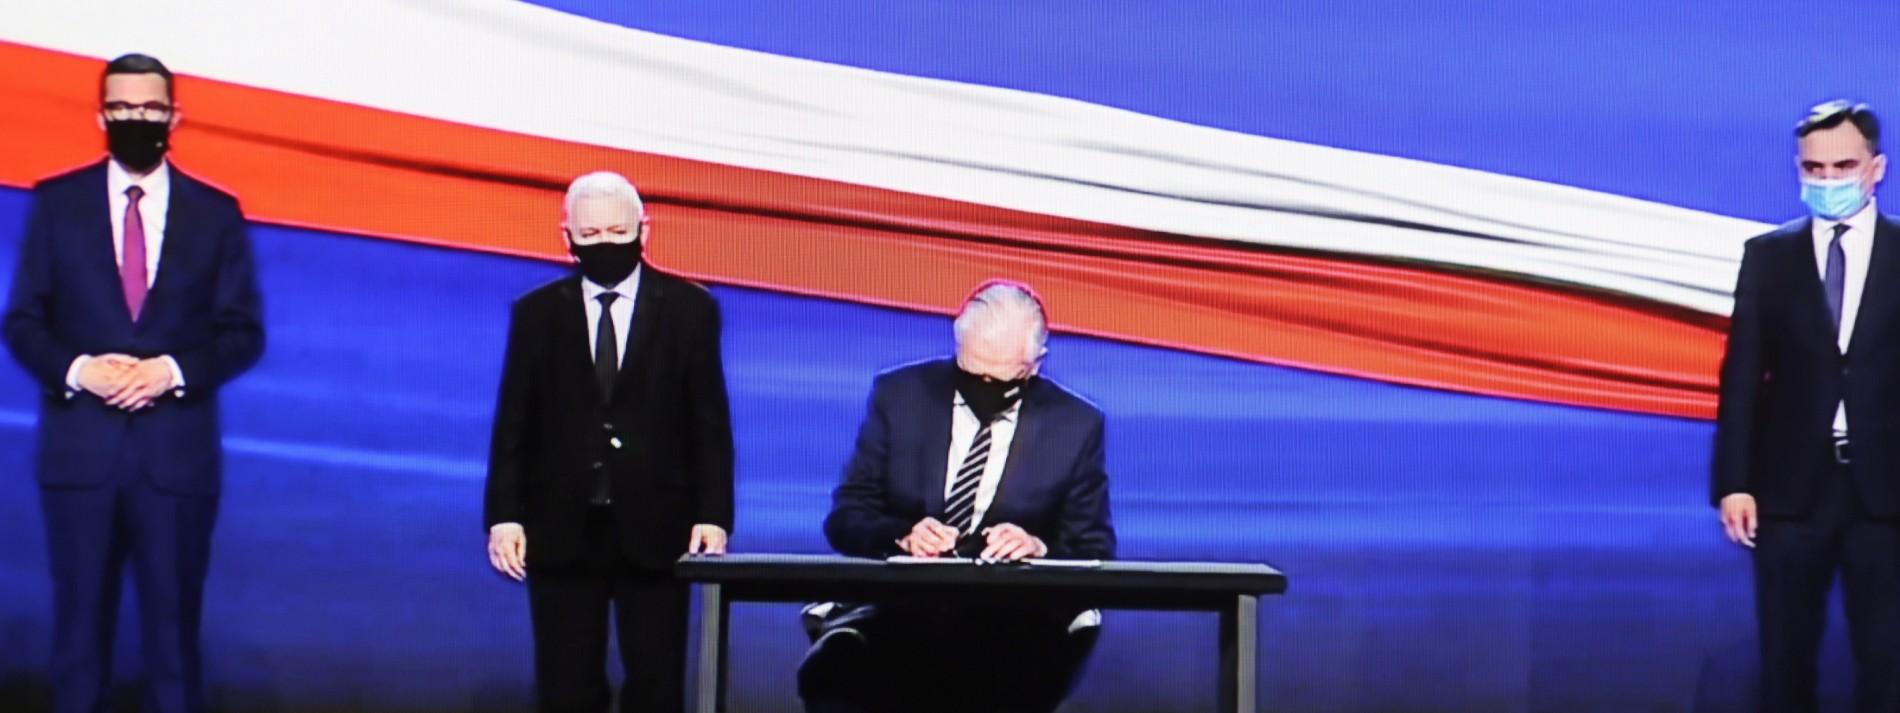 Warschaus Programm der Superlative ist in Gefahr